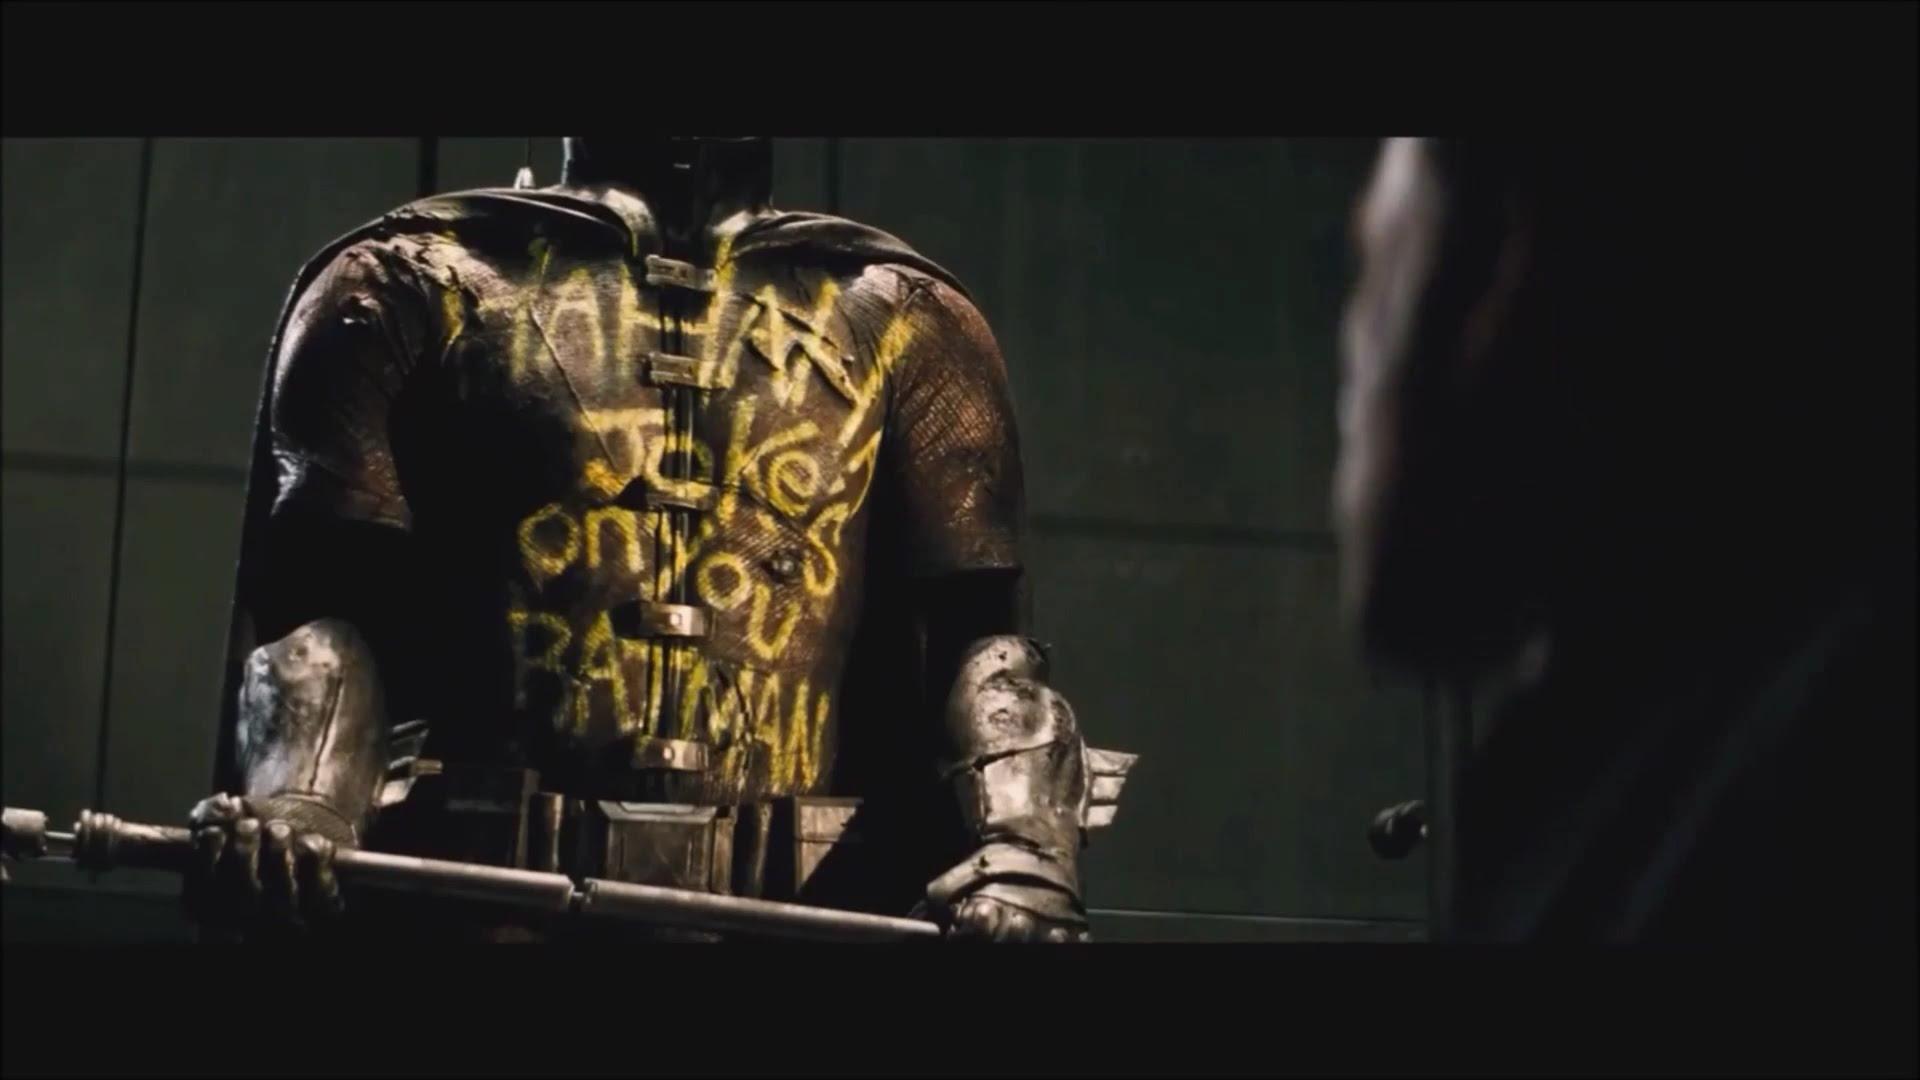 СПОЙЛЕРЫ! Кратко о Бэтфлеке против Человека в трико. - Изображение 3